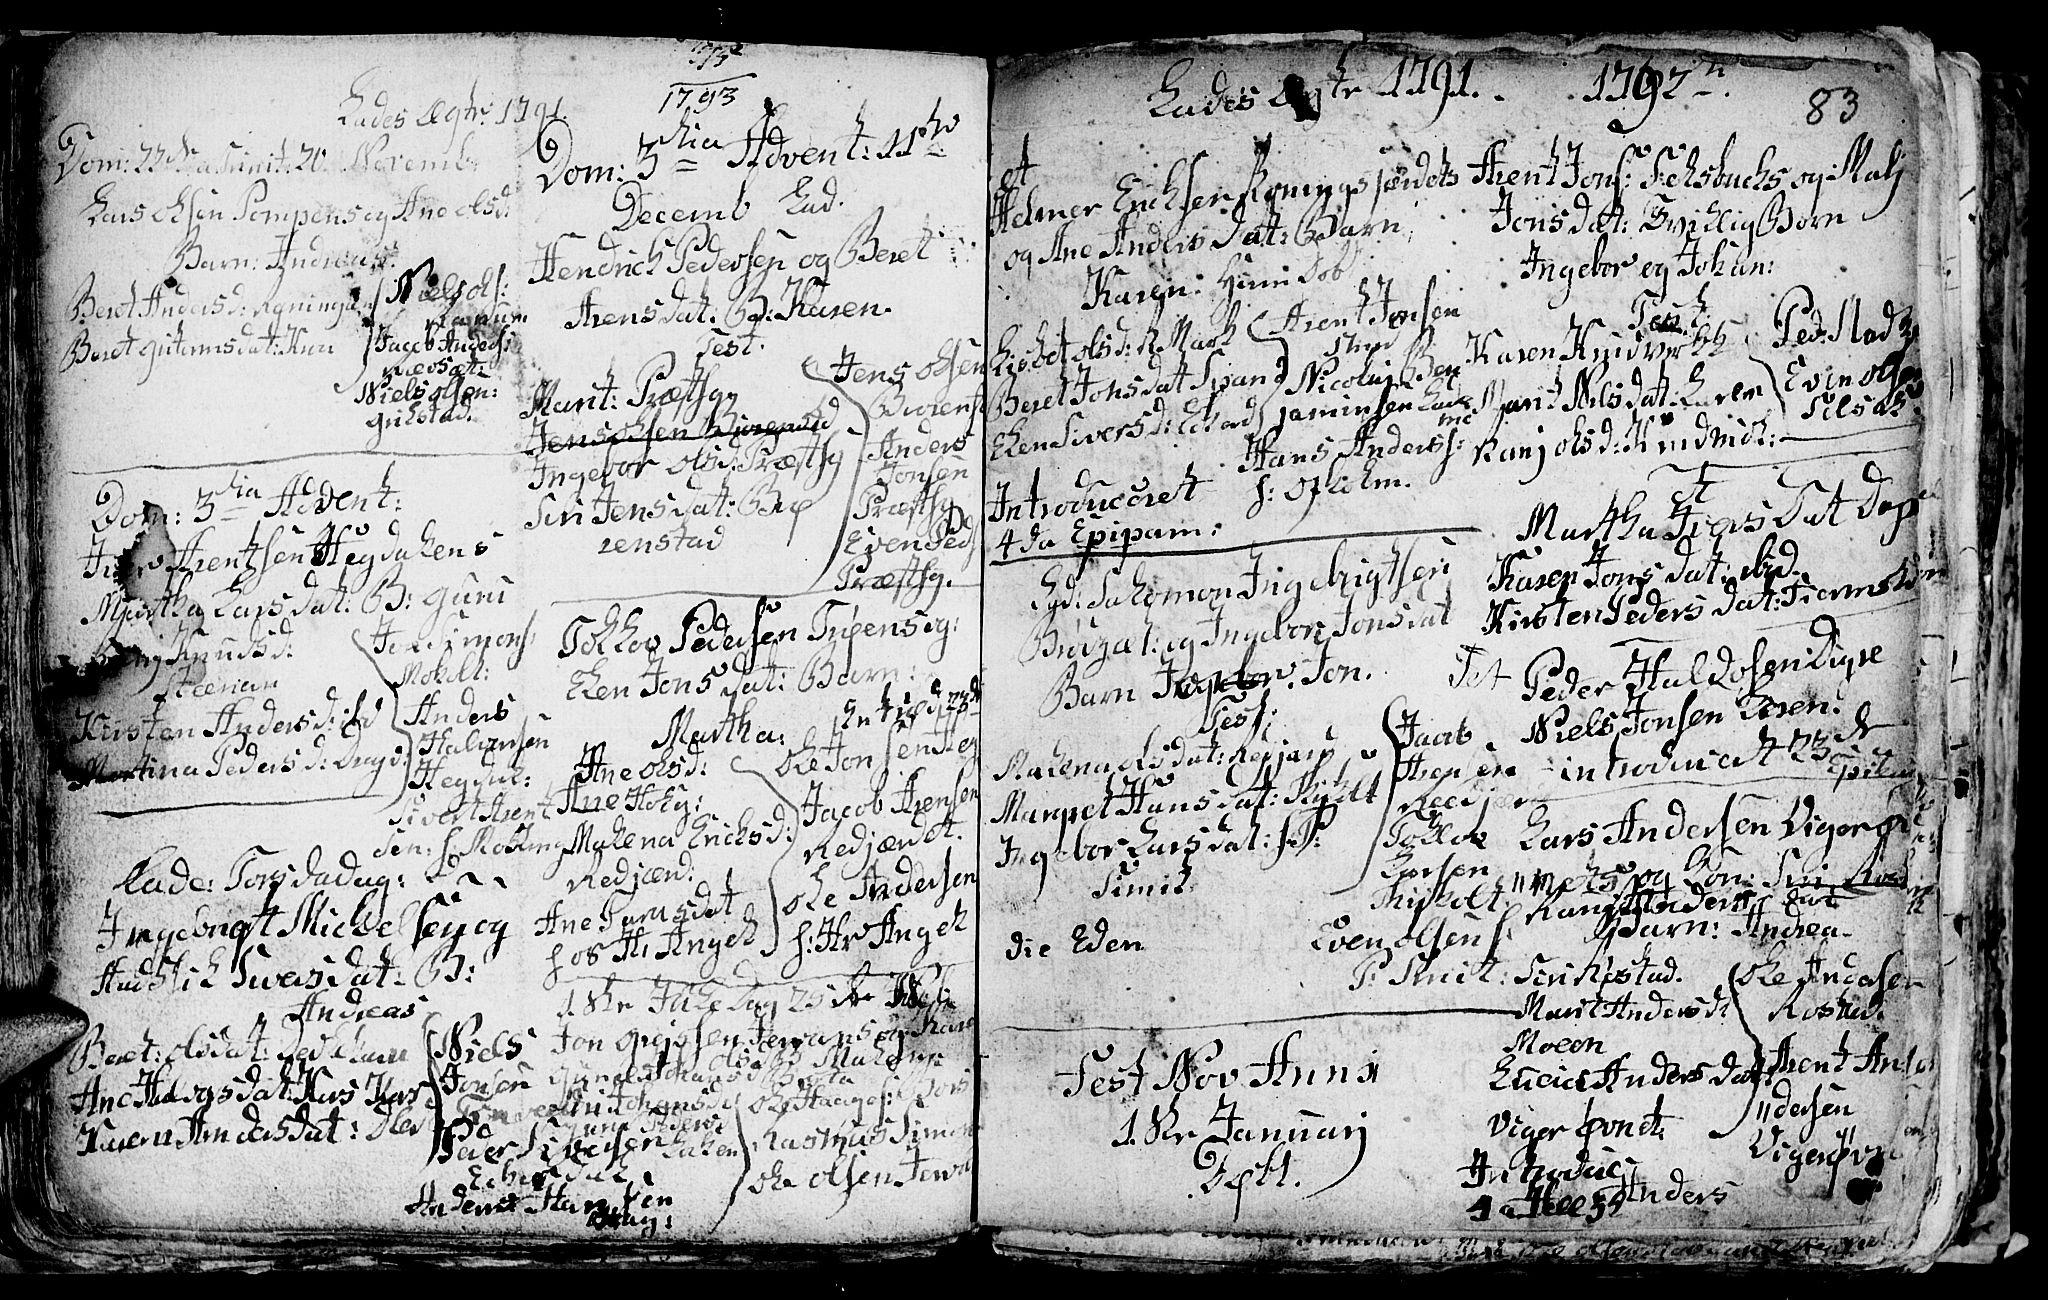 SAT, Ministerialprotokoller, klokkerbøker og fødselsregistre - Sør-Trøndelag, 606/L0305: Klokkerbok nr. 606C01, 1757-1819, s. 83